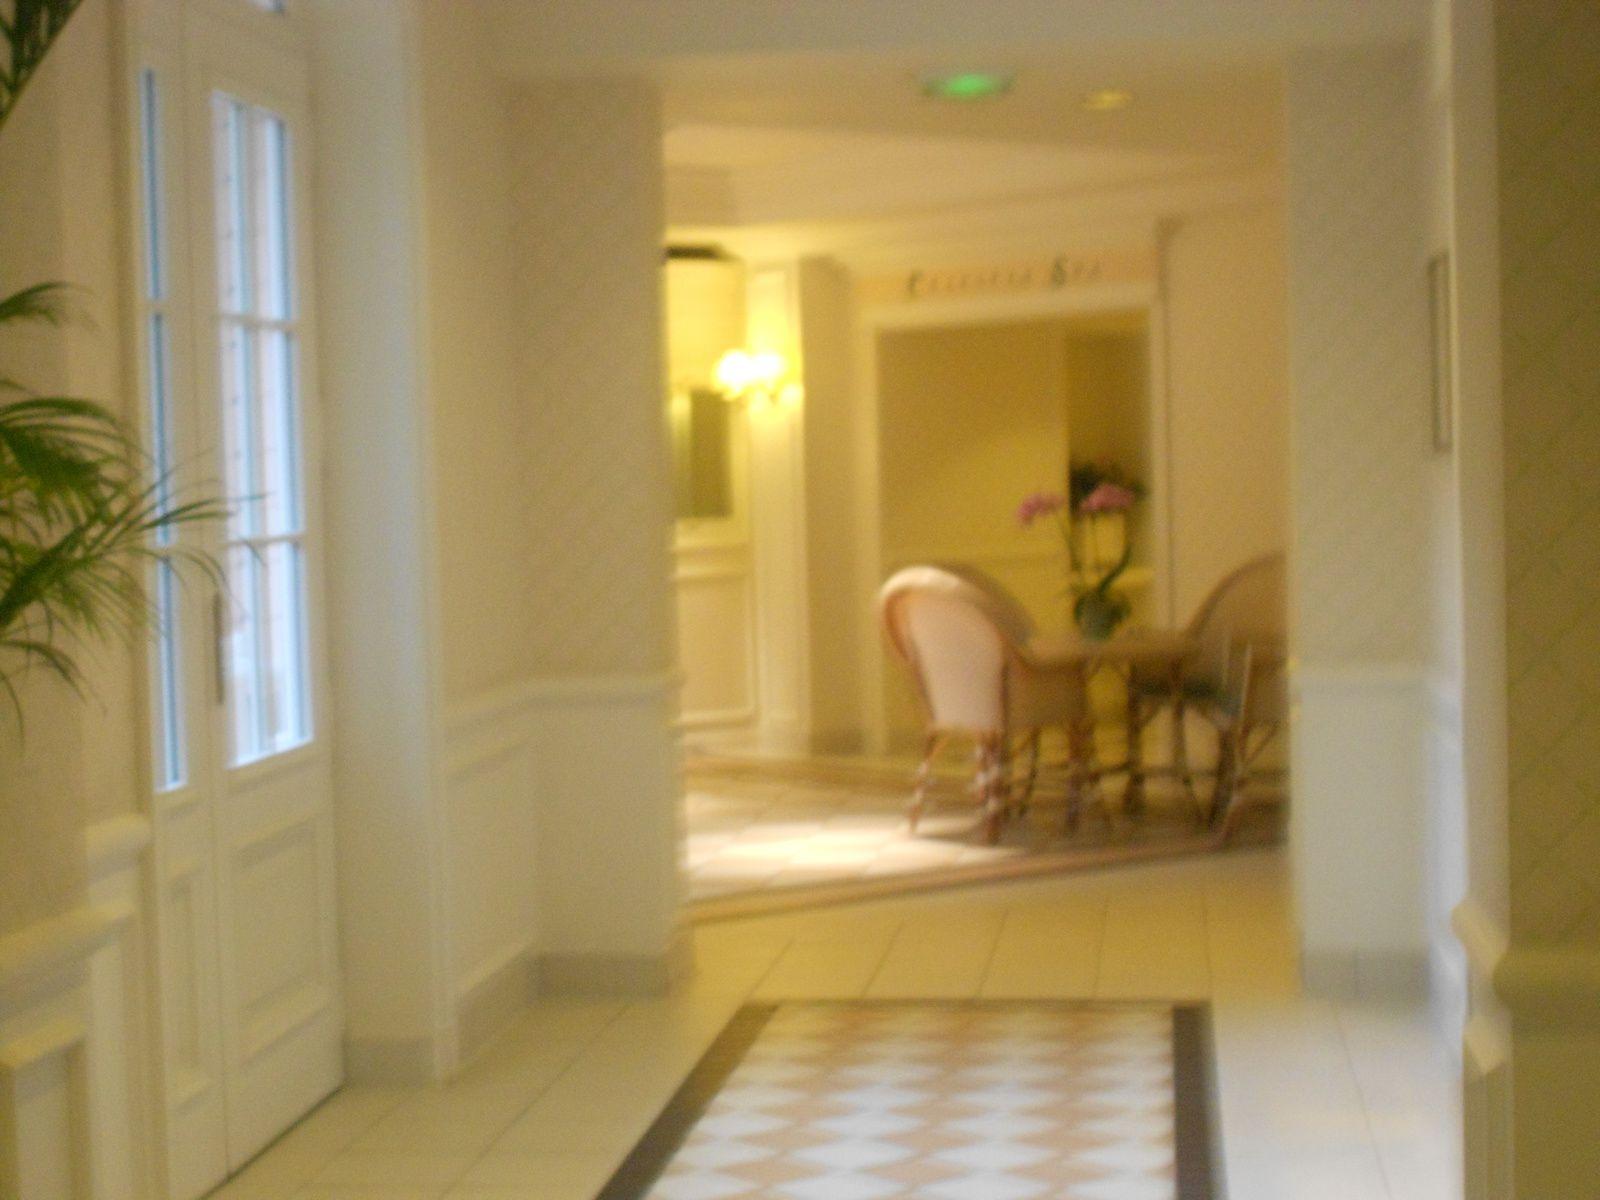 les grands couloir qui relient les ailes de l'hôtel,si j'avais été seule,je m'y serai perdue